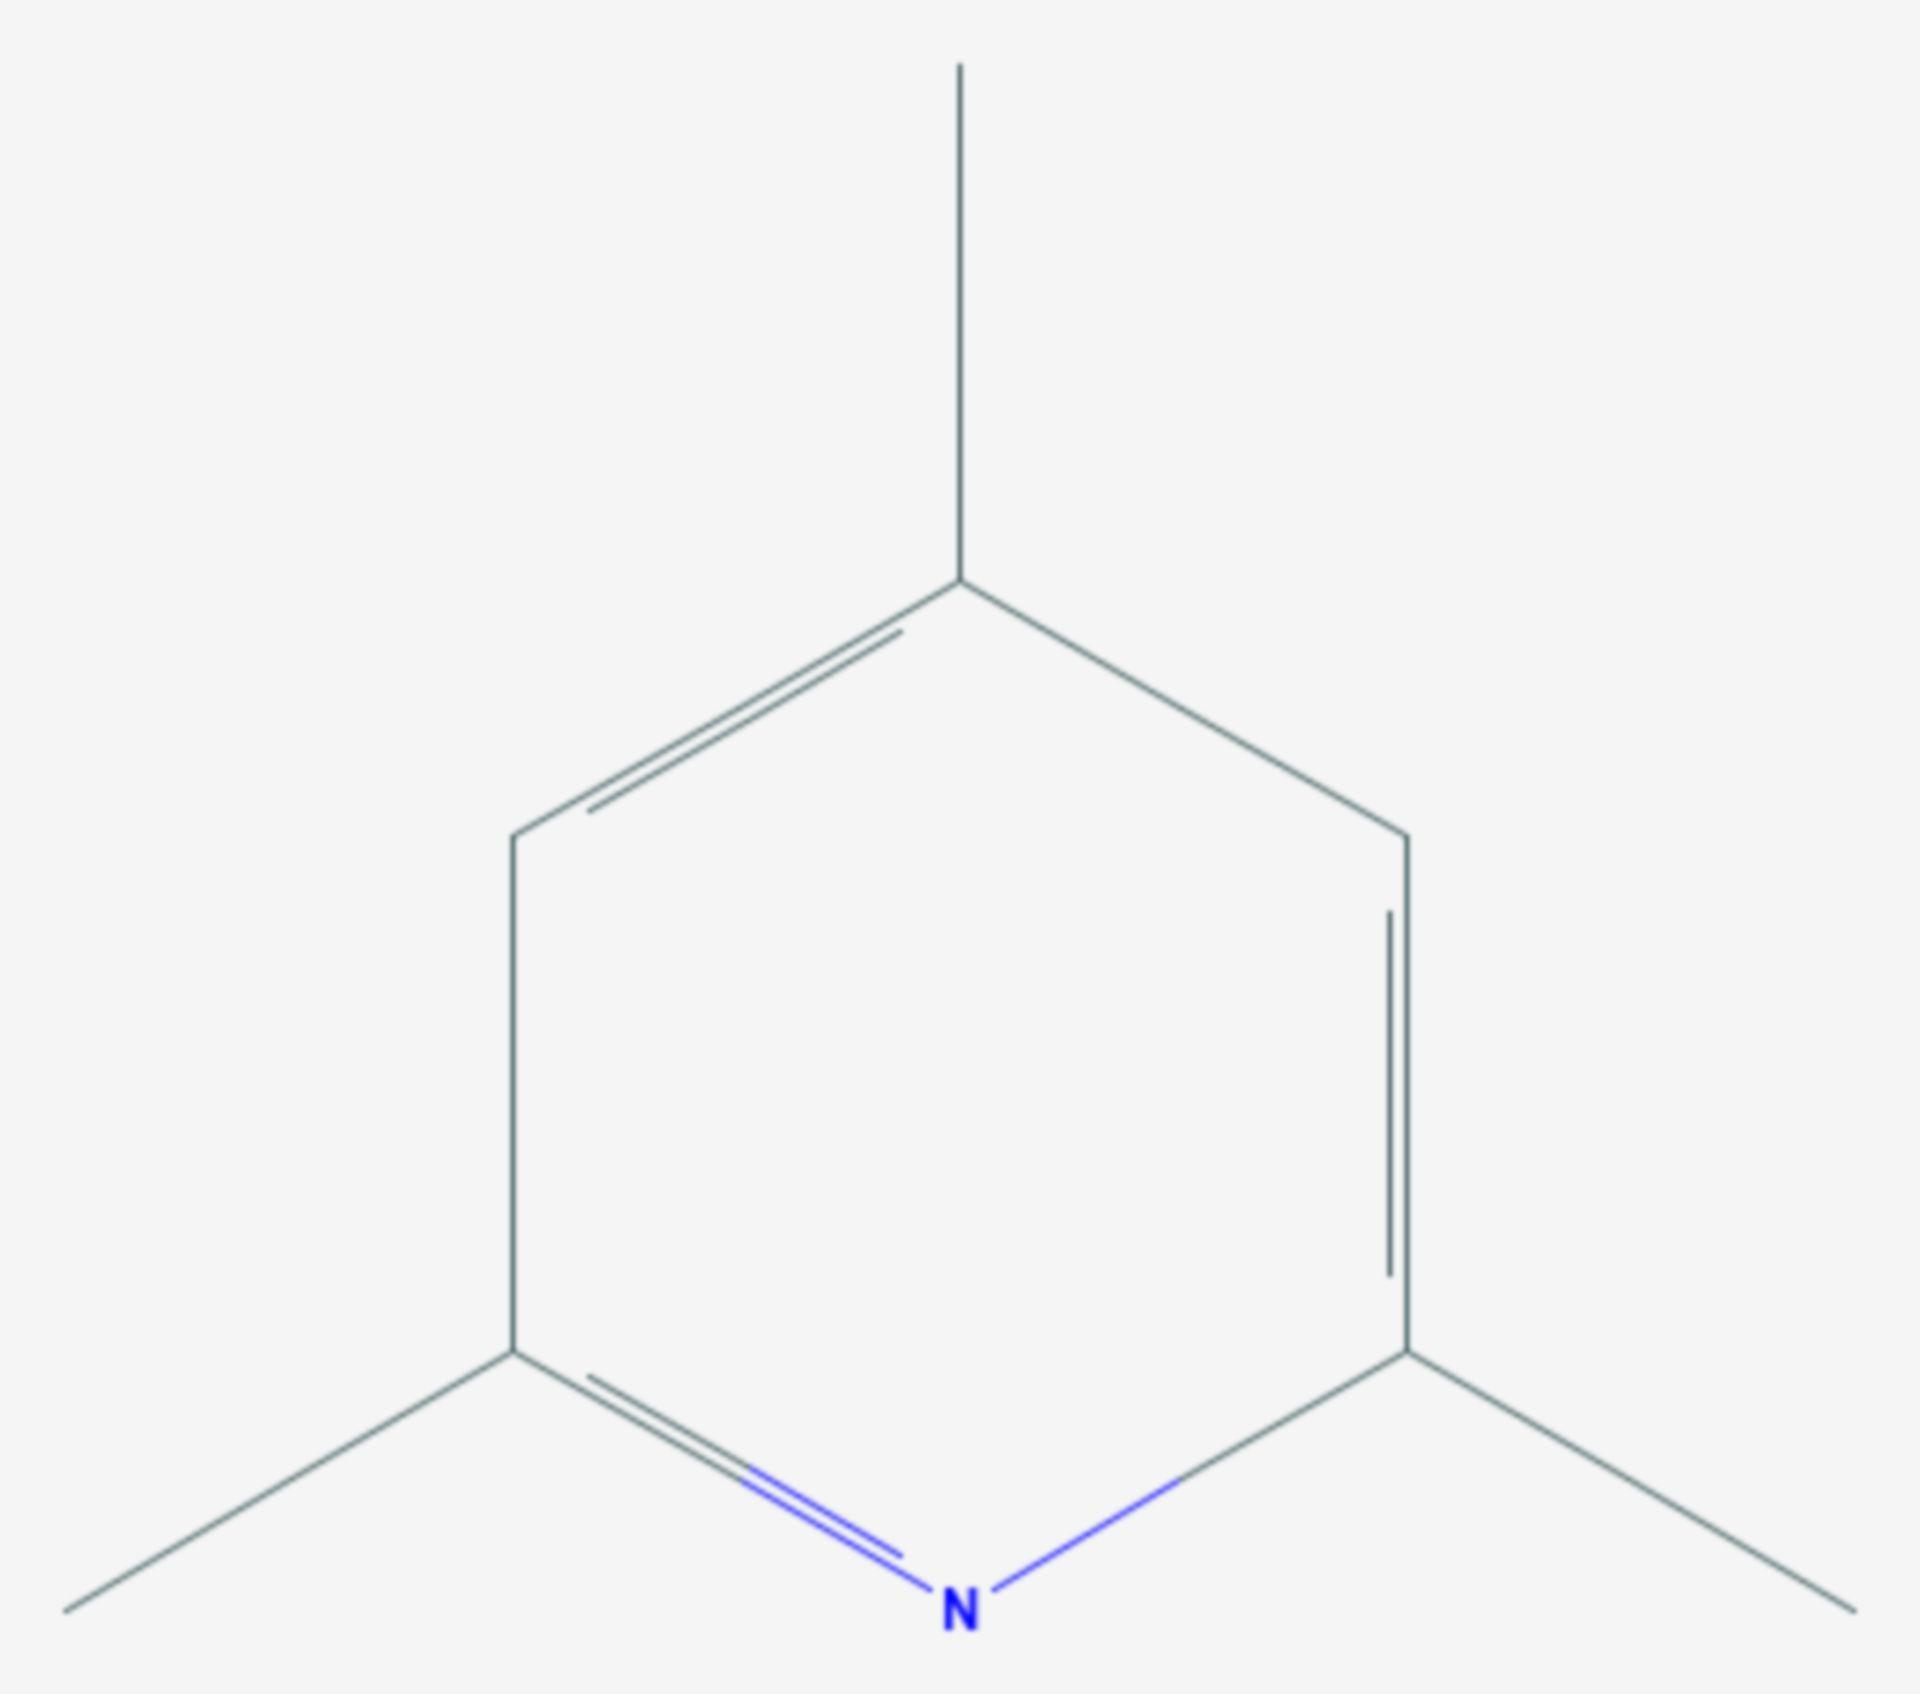 2,4,6-Collidin (Strukturformel)